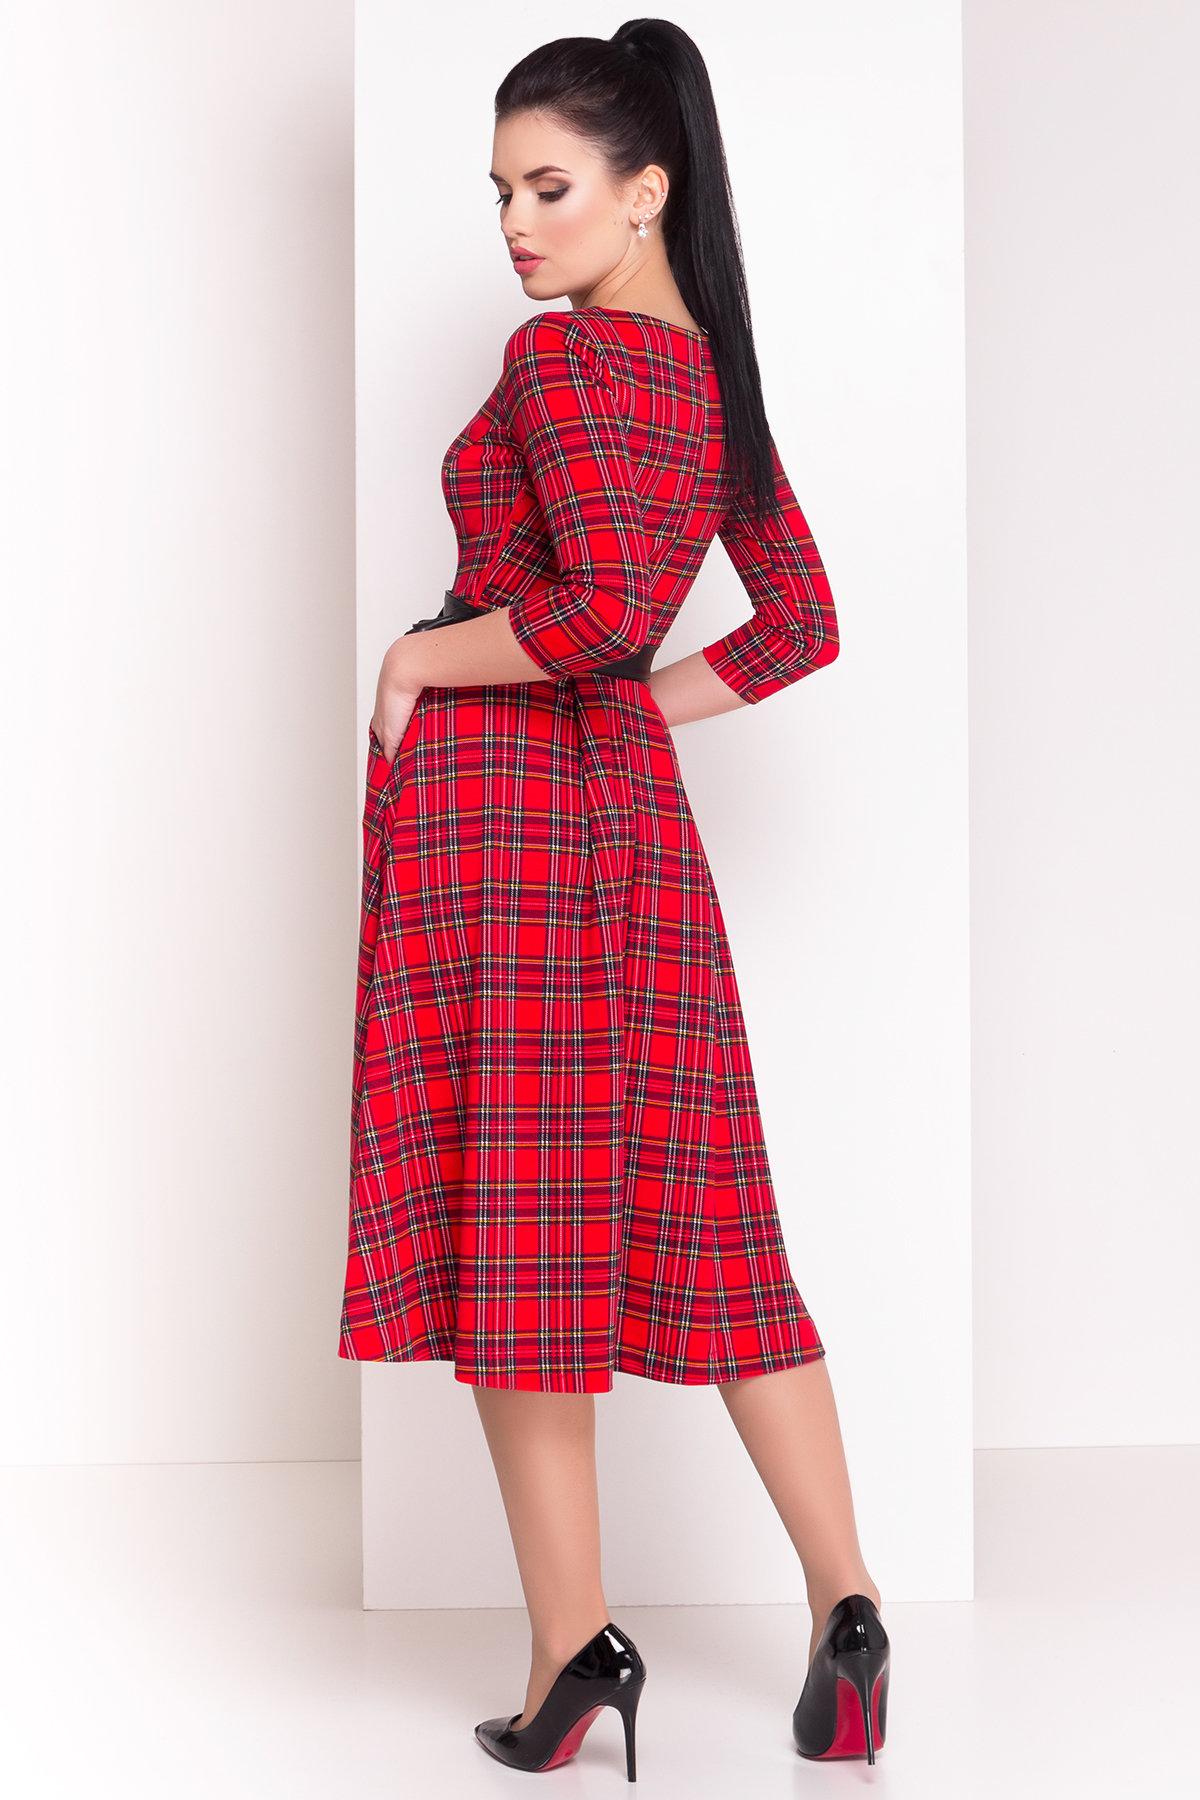 Платье Карен лайт 4835 Цвет: Крас/черн/желт 2/1 кл кр